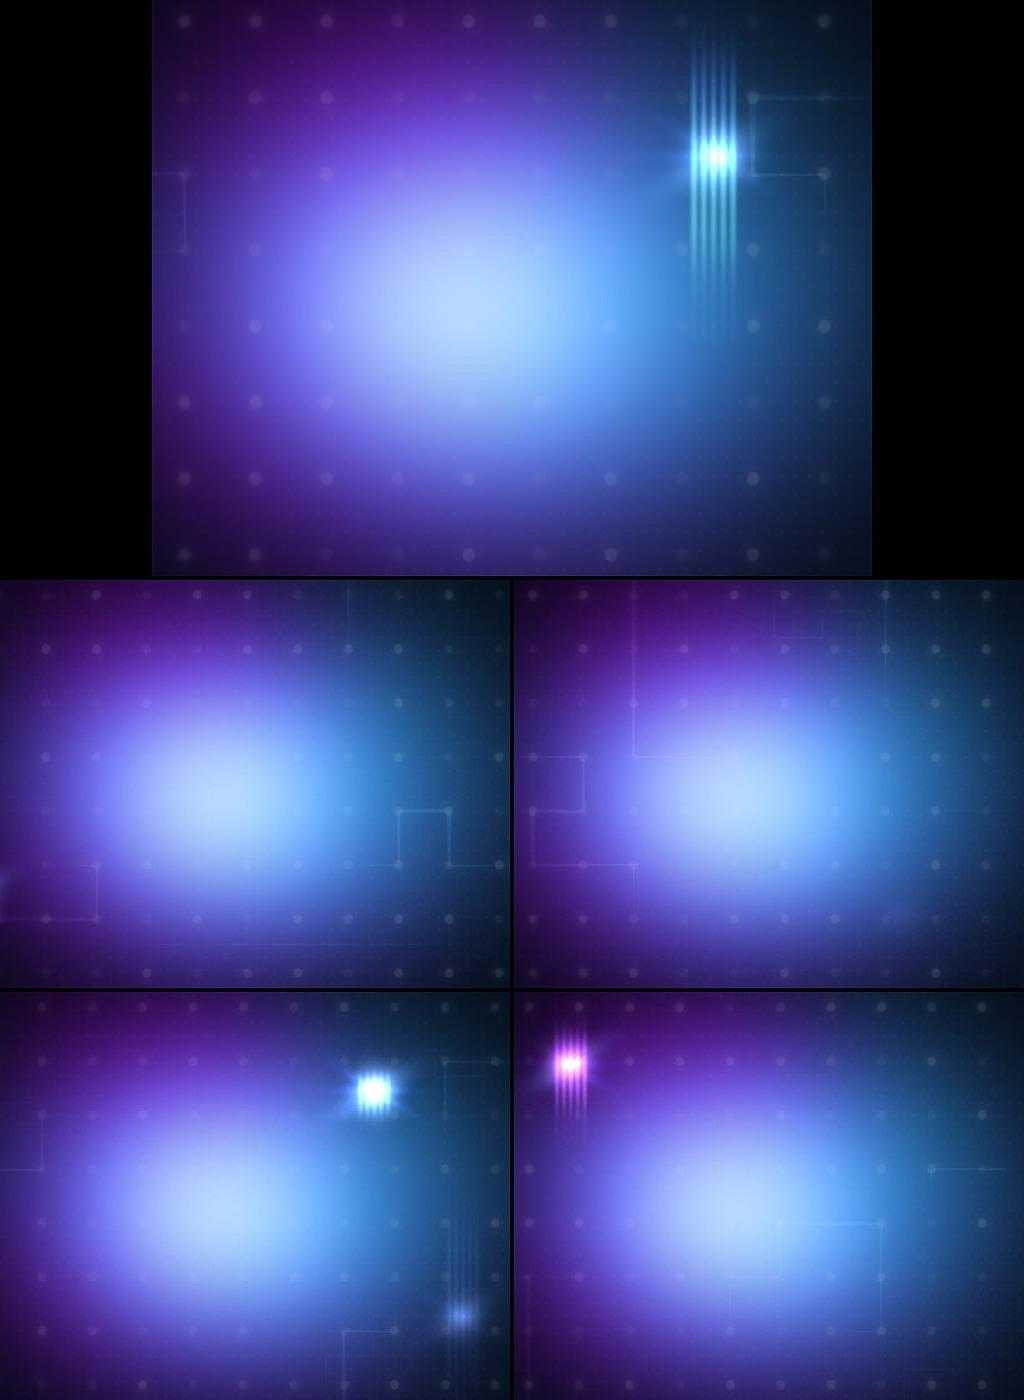 视频素材 动态视频素材 动态|特效|背景视频素材 > 简洁大气背景素材